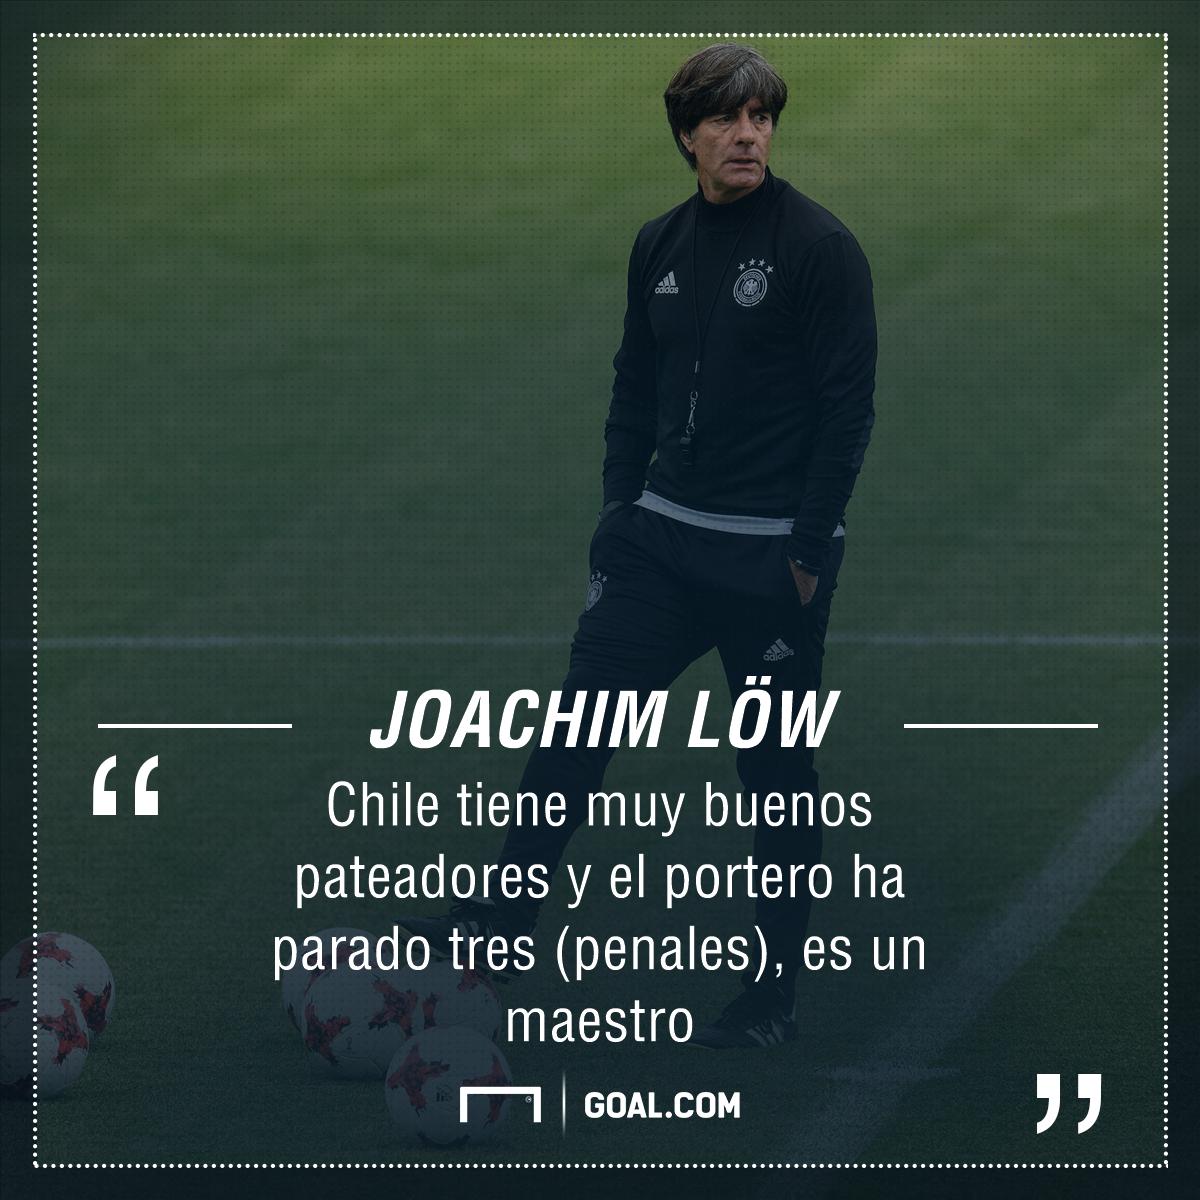 Joachim Löw press 010717